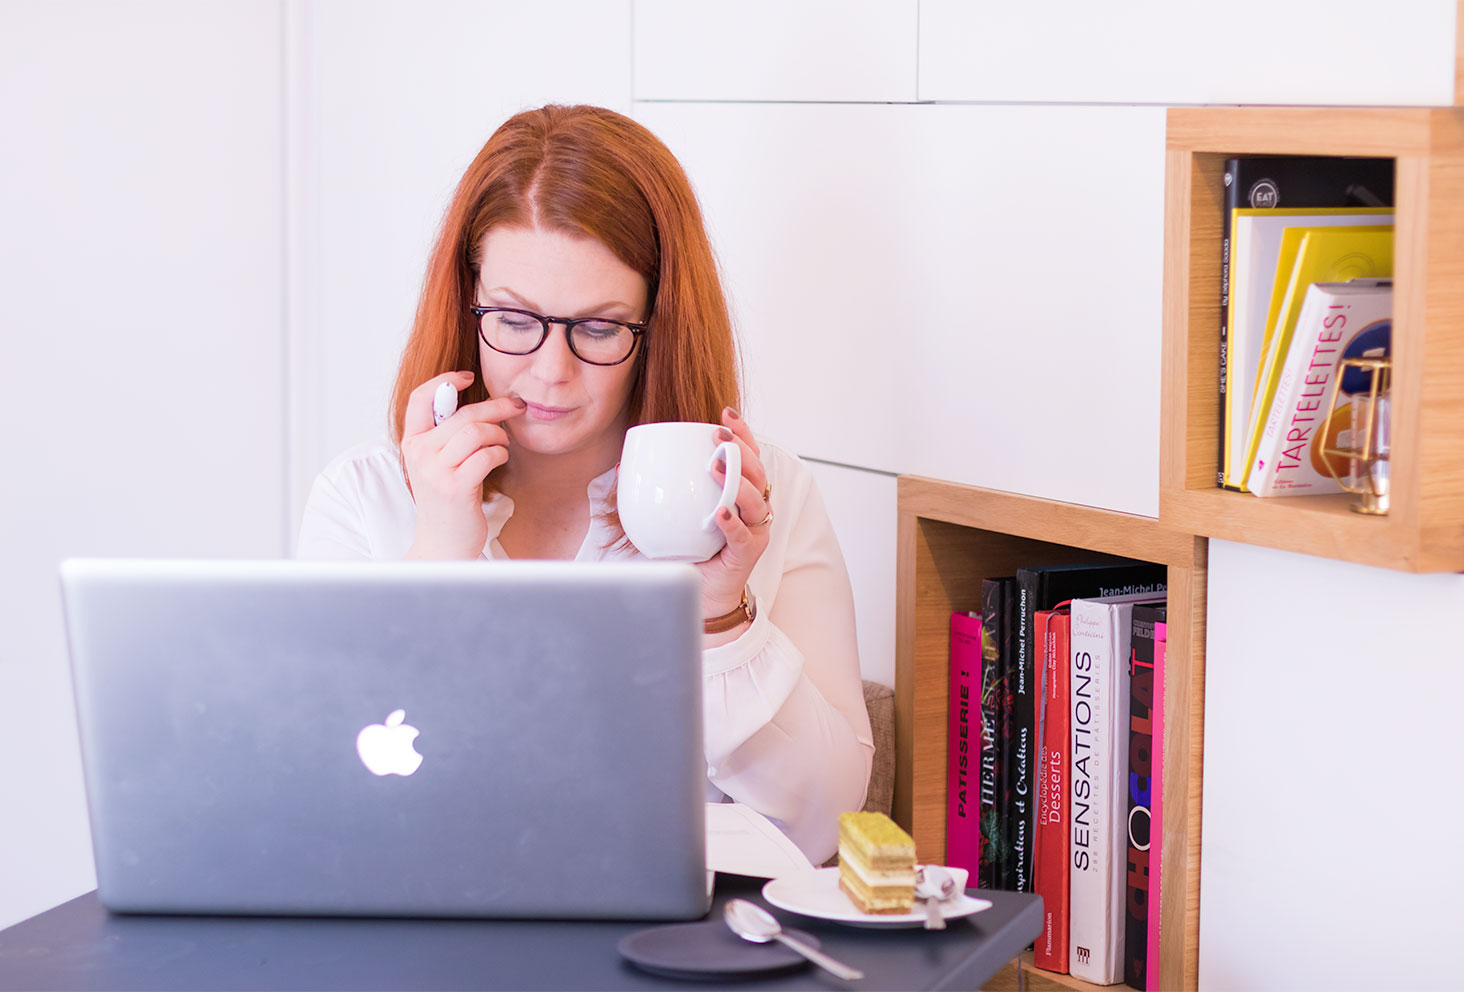 En plein réflexion devant l'ordinateur avec un thé dans la main pour le second bilan de formation